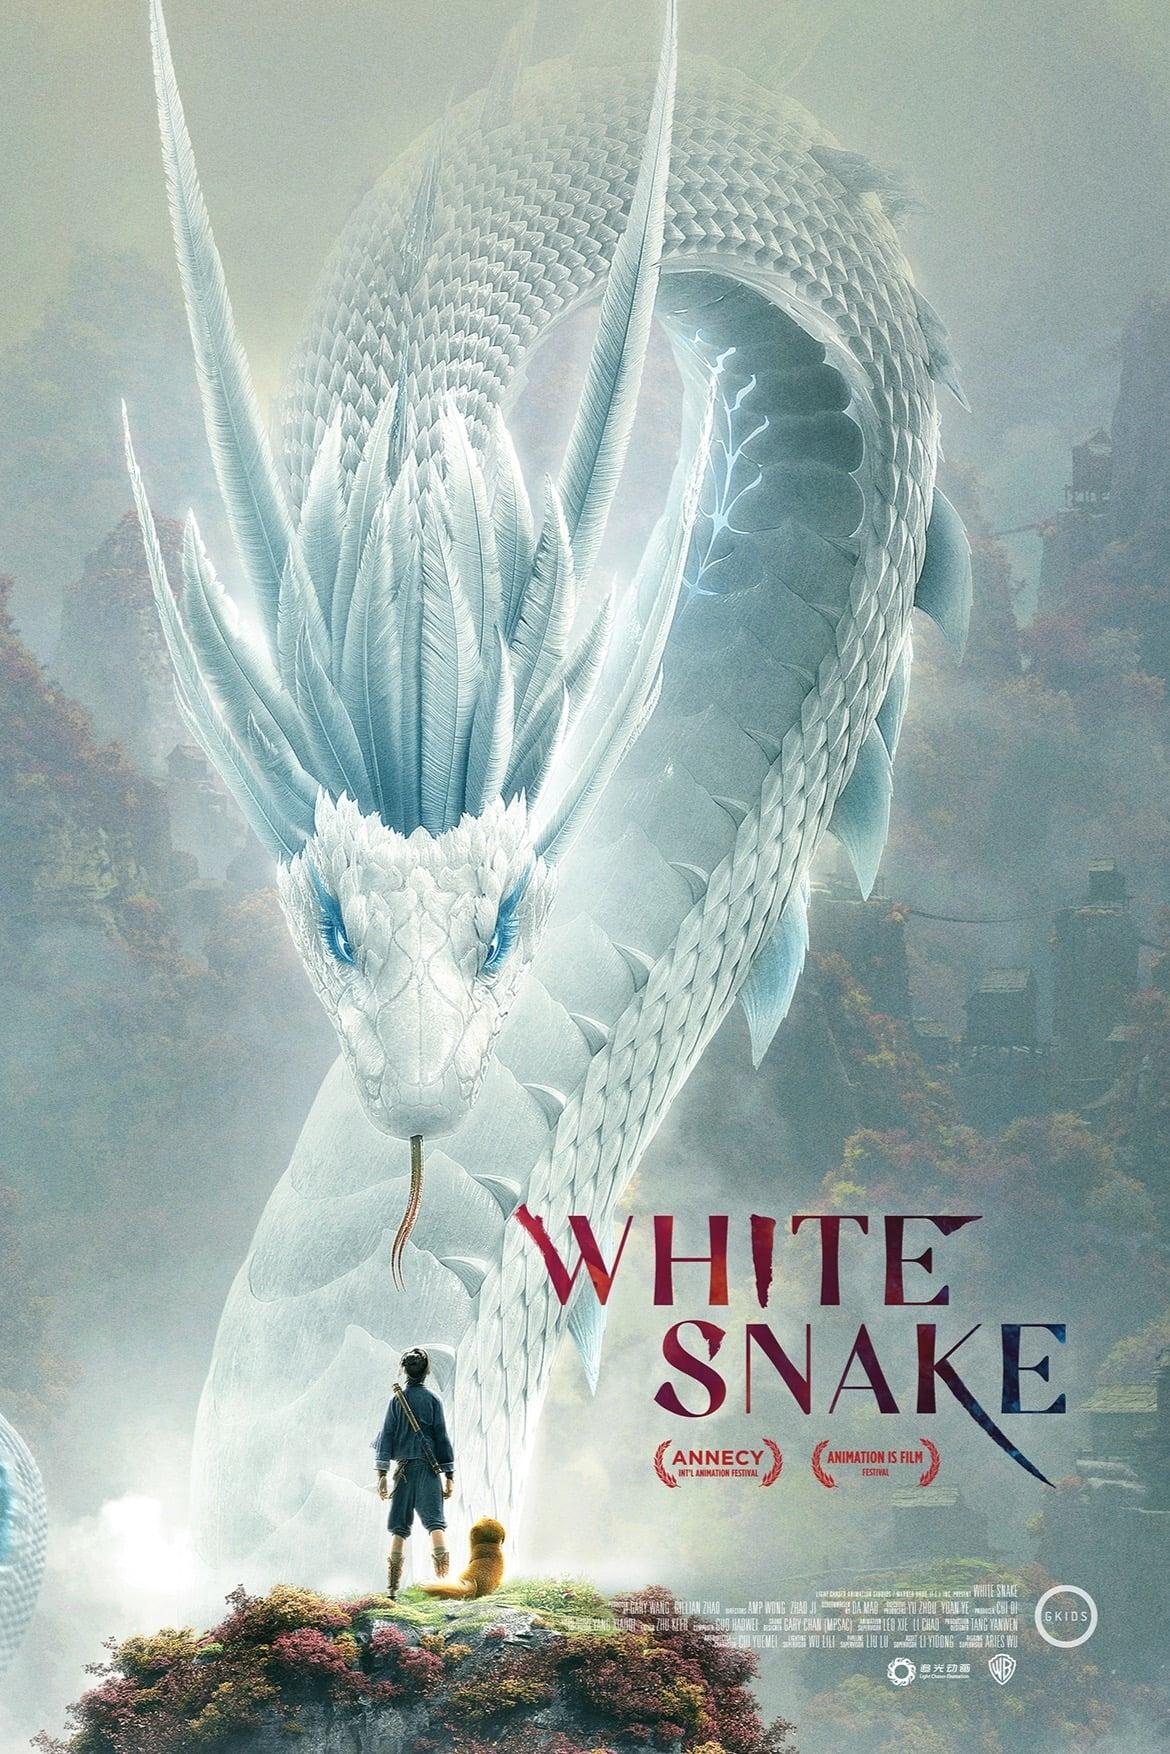 Poster for White Snake